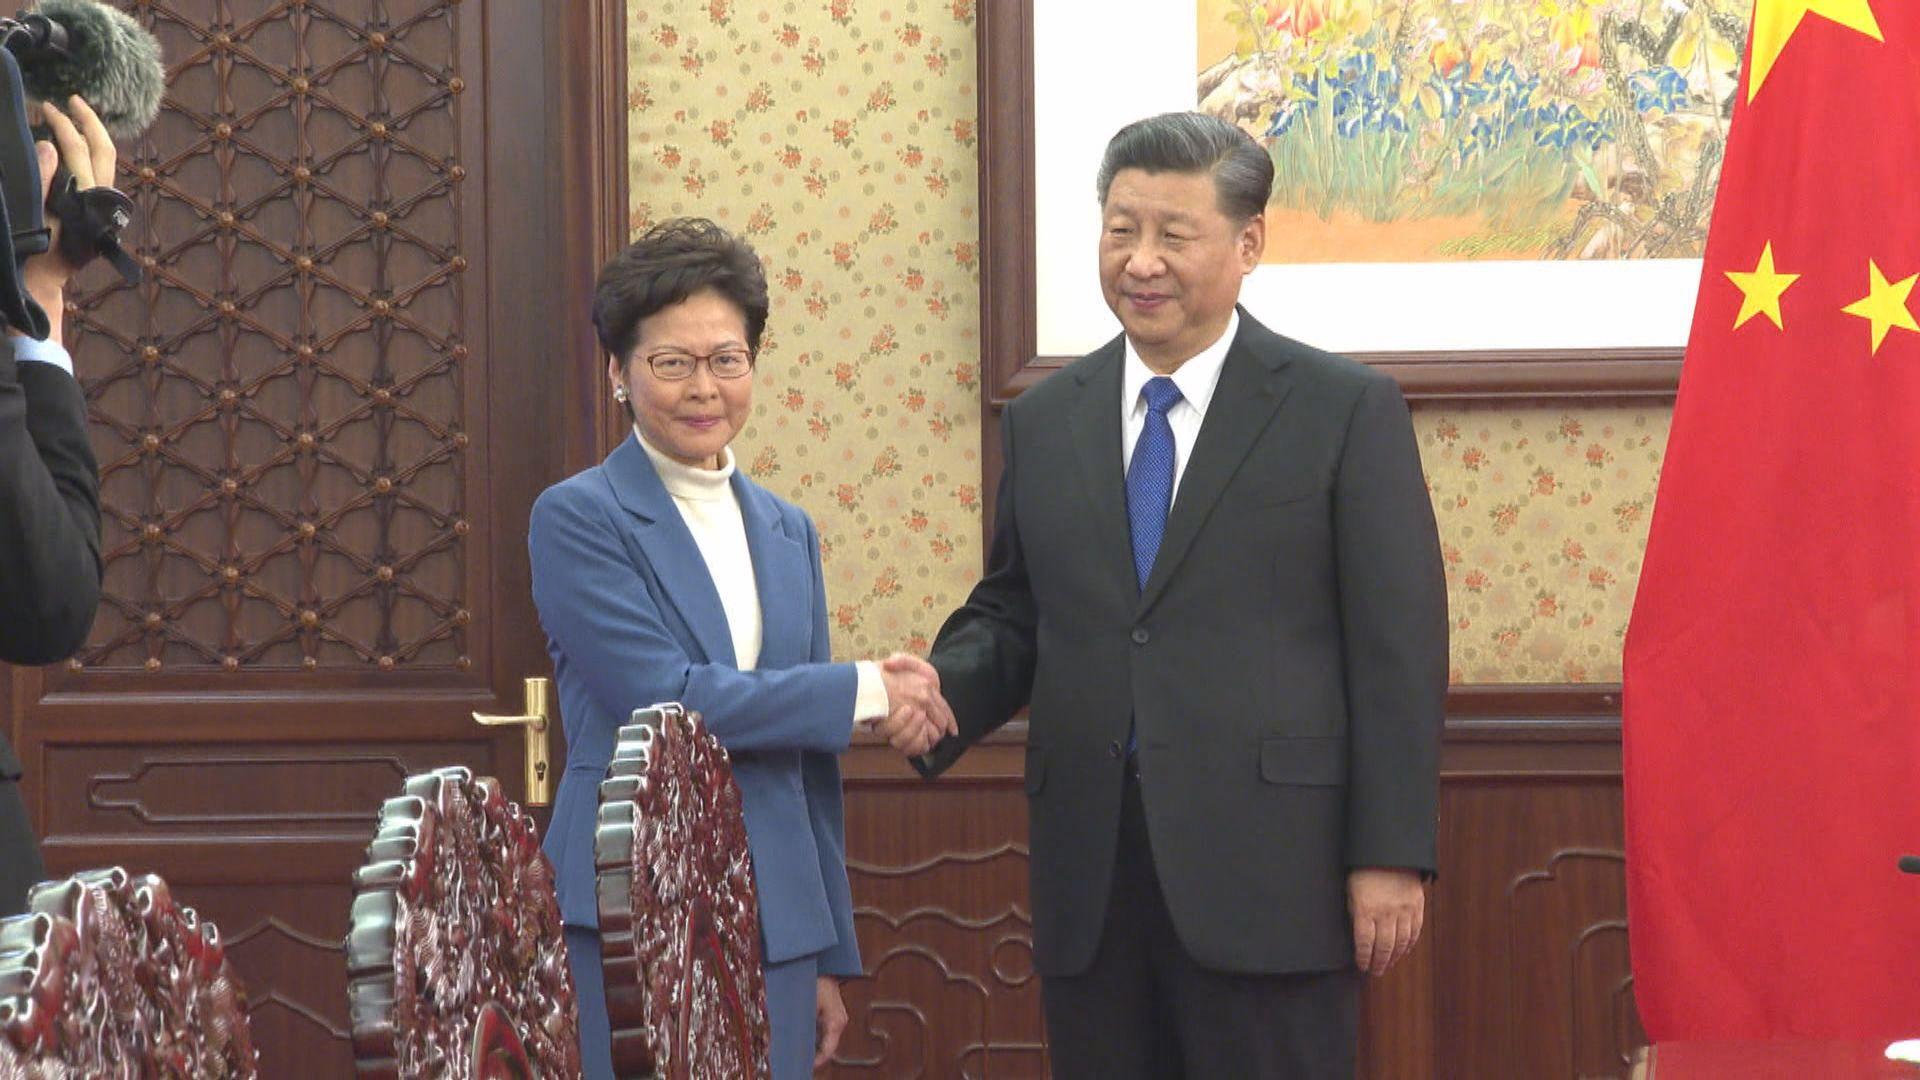 林鄭:施政報告為香港內部事務 惟製作過程需與中央磋商